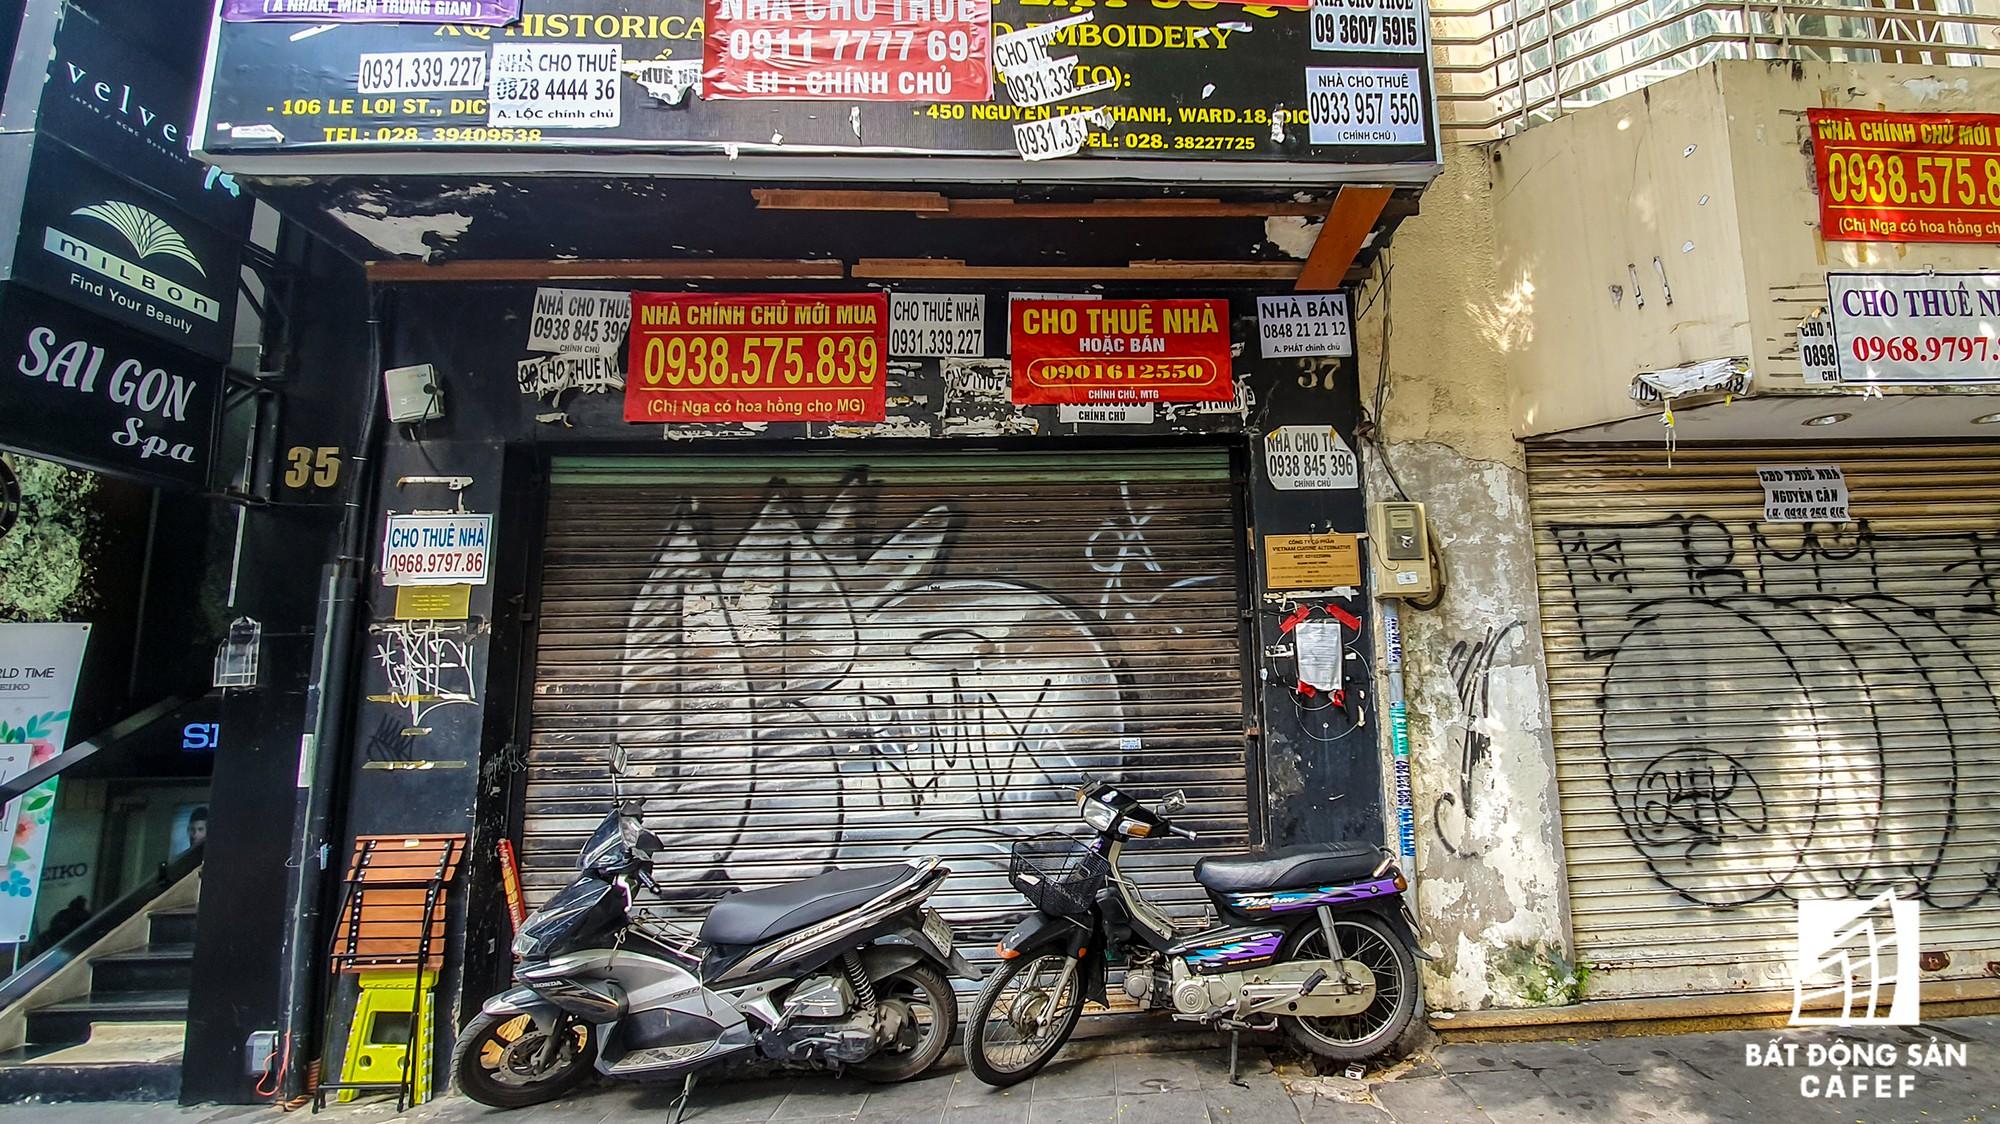 Toàn cảnh con đường có giá bất động sản đắt đỏ nhất Việt Nam, lên tới 2 tỷ đồng một m2 - Ảnh 13.